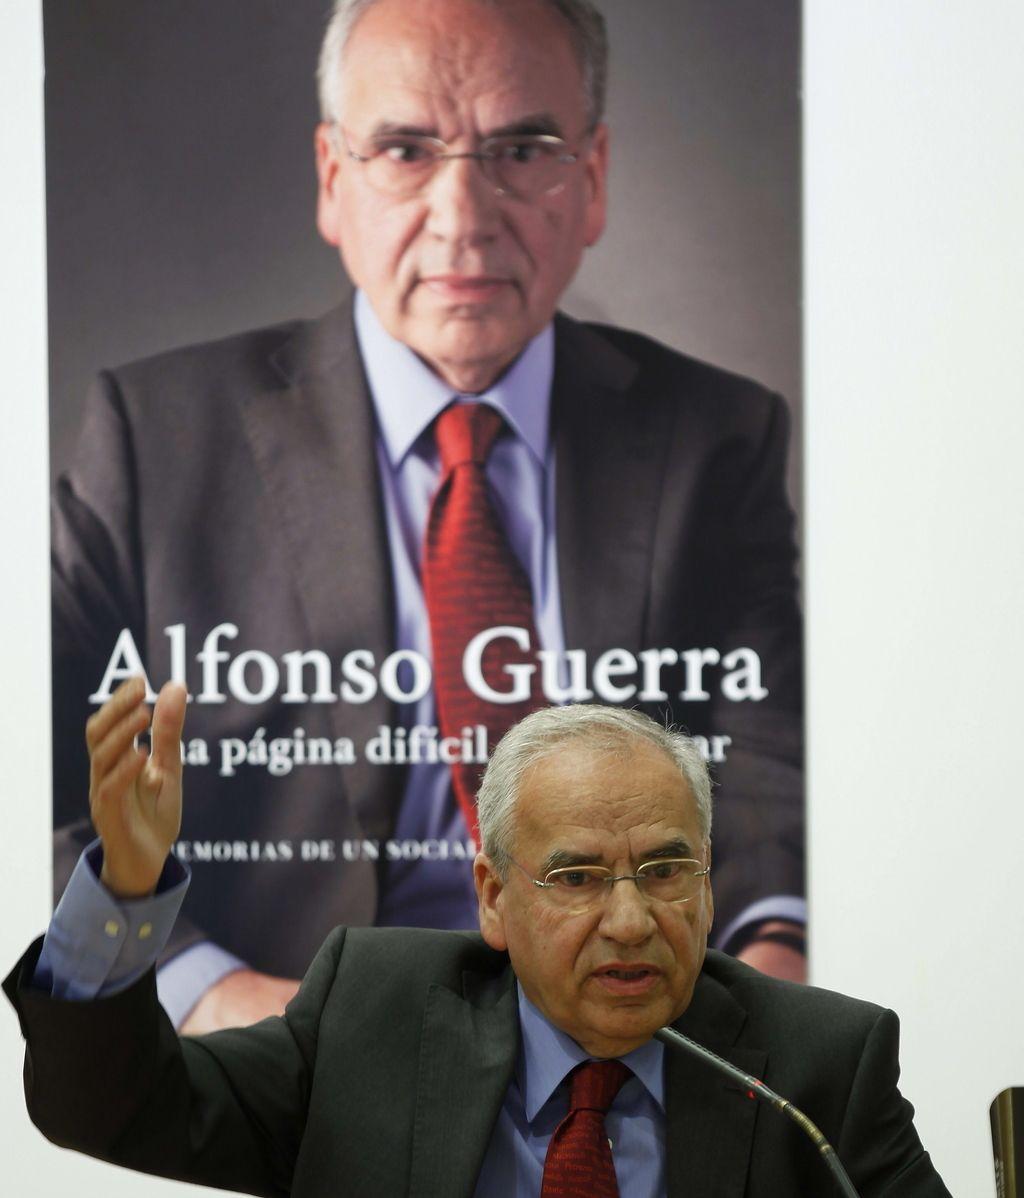 """Alfonso Guerra: """"La gente va a reaccionar y no de forma tan pacífica como quisiéramos"""""""